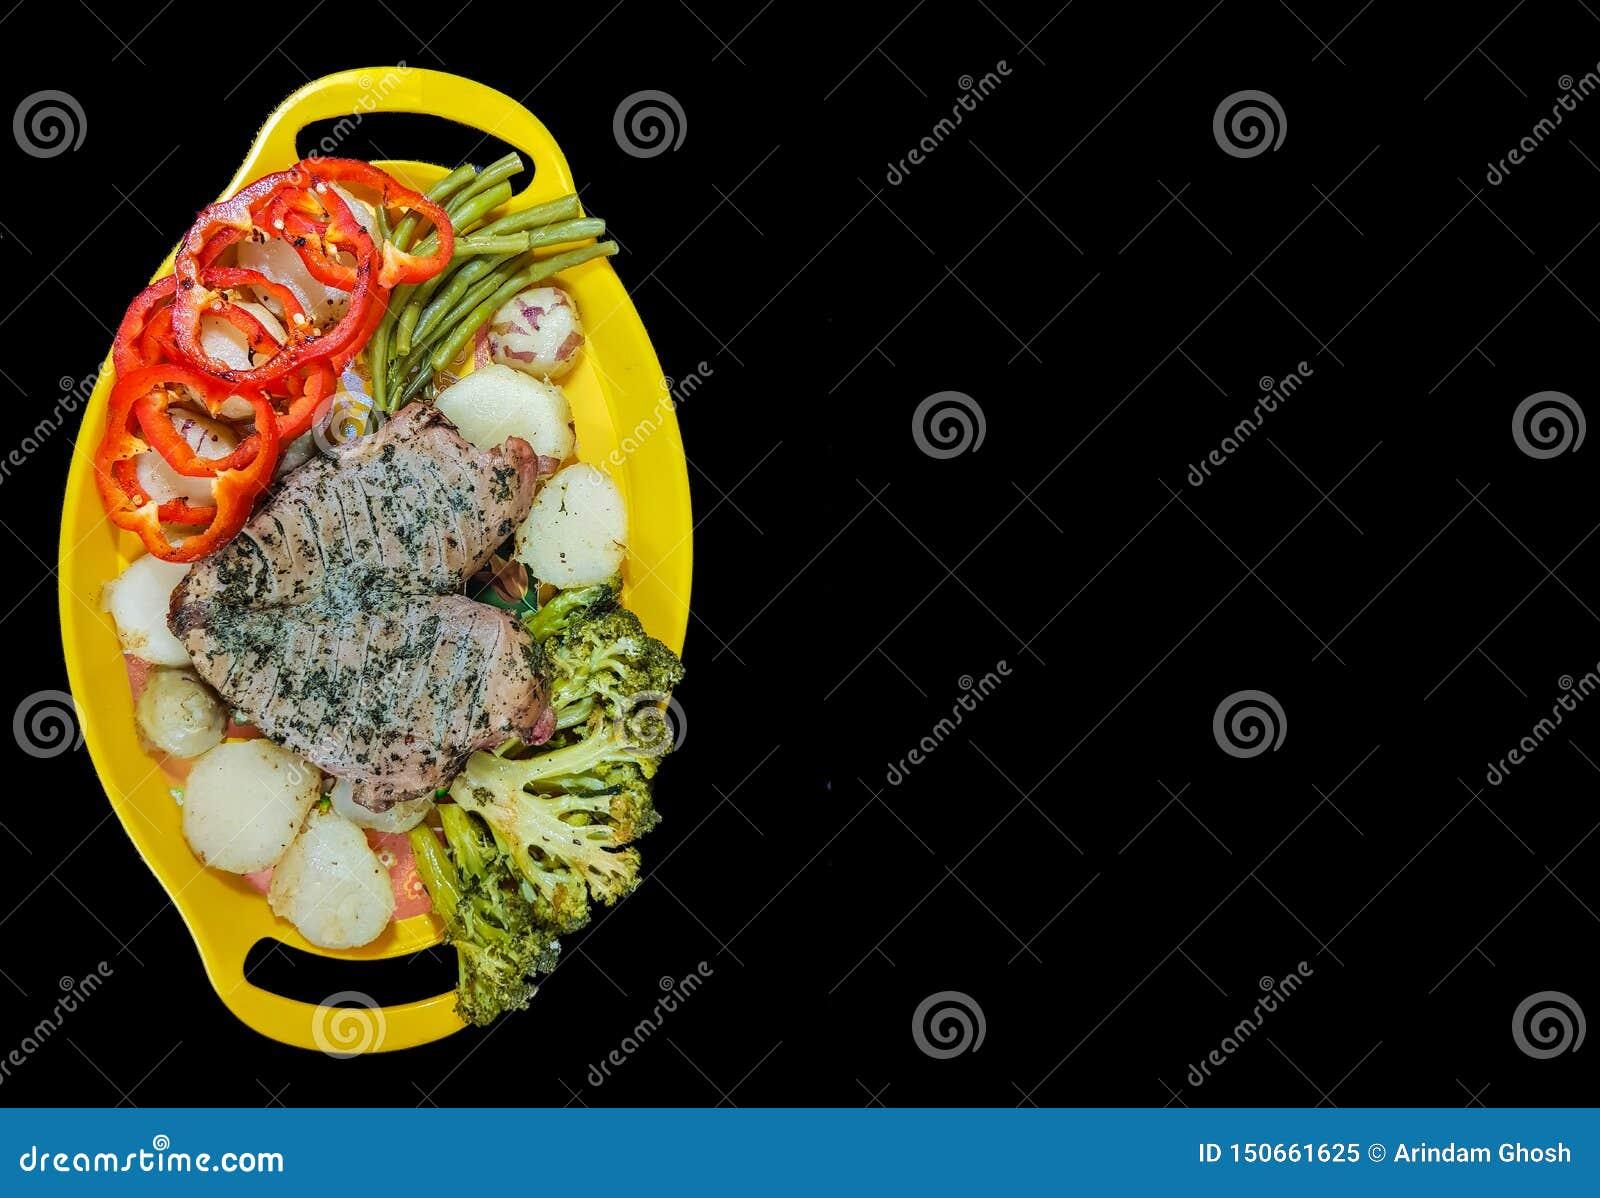 Plaat van lapje vlees en groenten op een gele plaat op een zwarte achtergrond met ruimte voor tekst